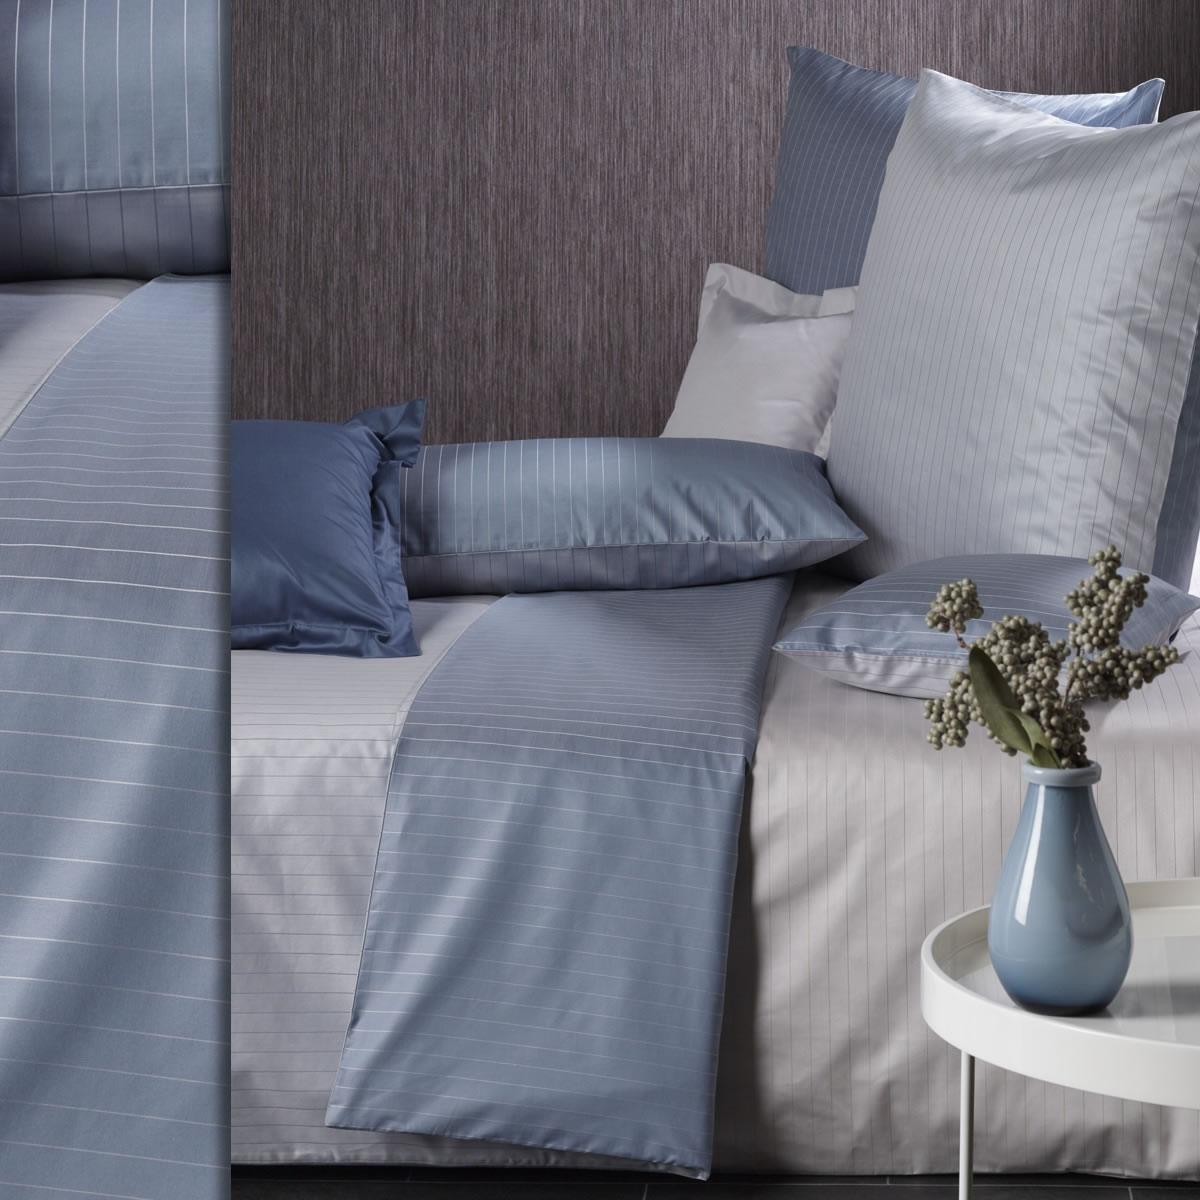 curt bauer mako brokat damast wende bettw sche kissenbezug ferrara 2452 streifen ebay. Black Bedroom Furniture Sets. Home Design Ideas